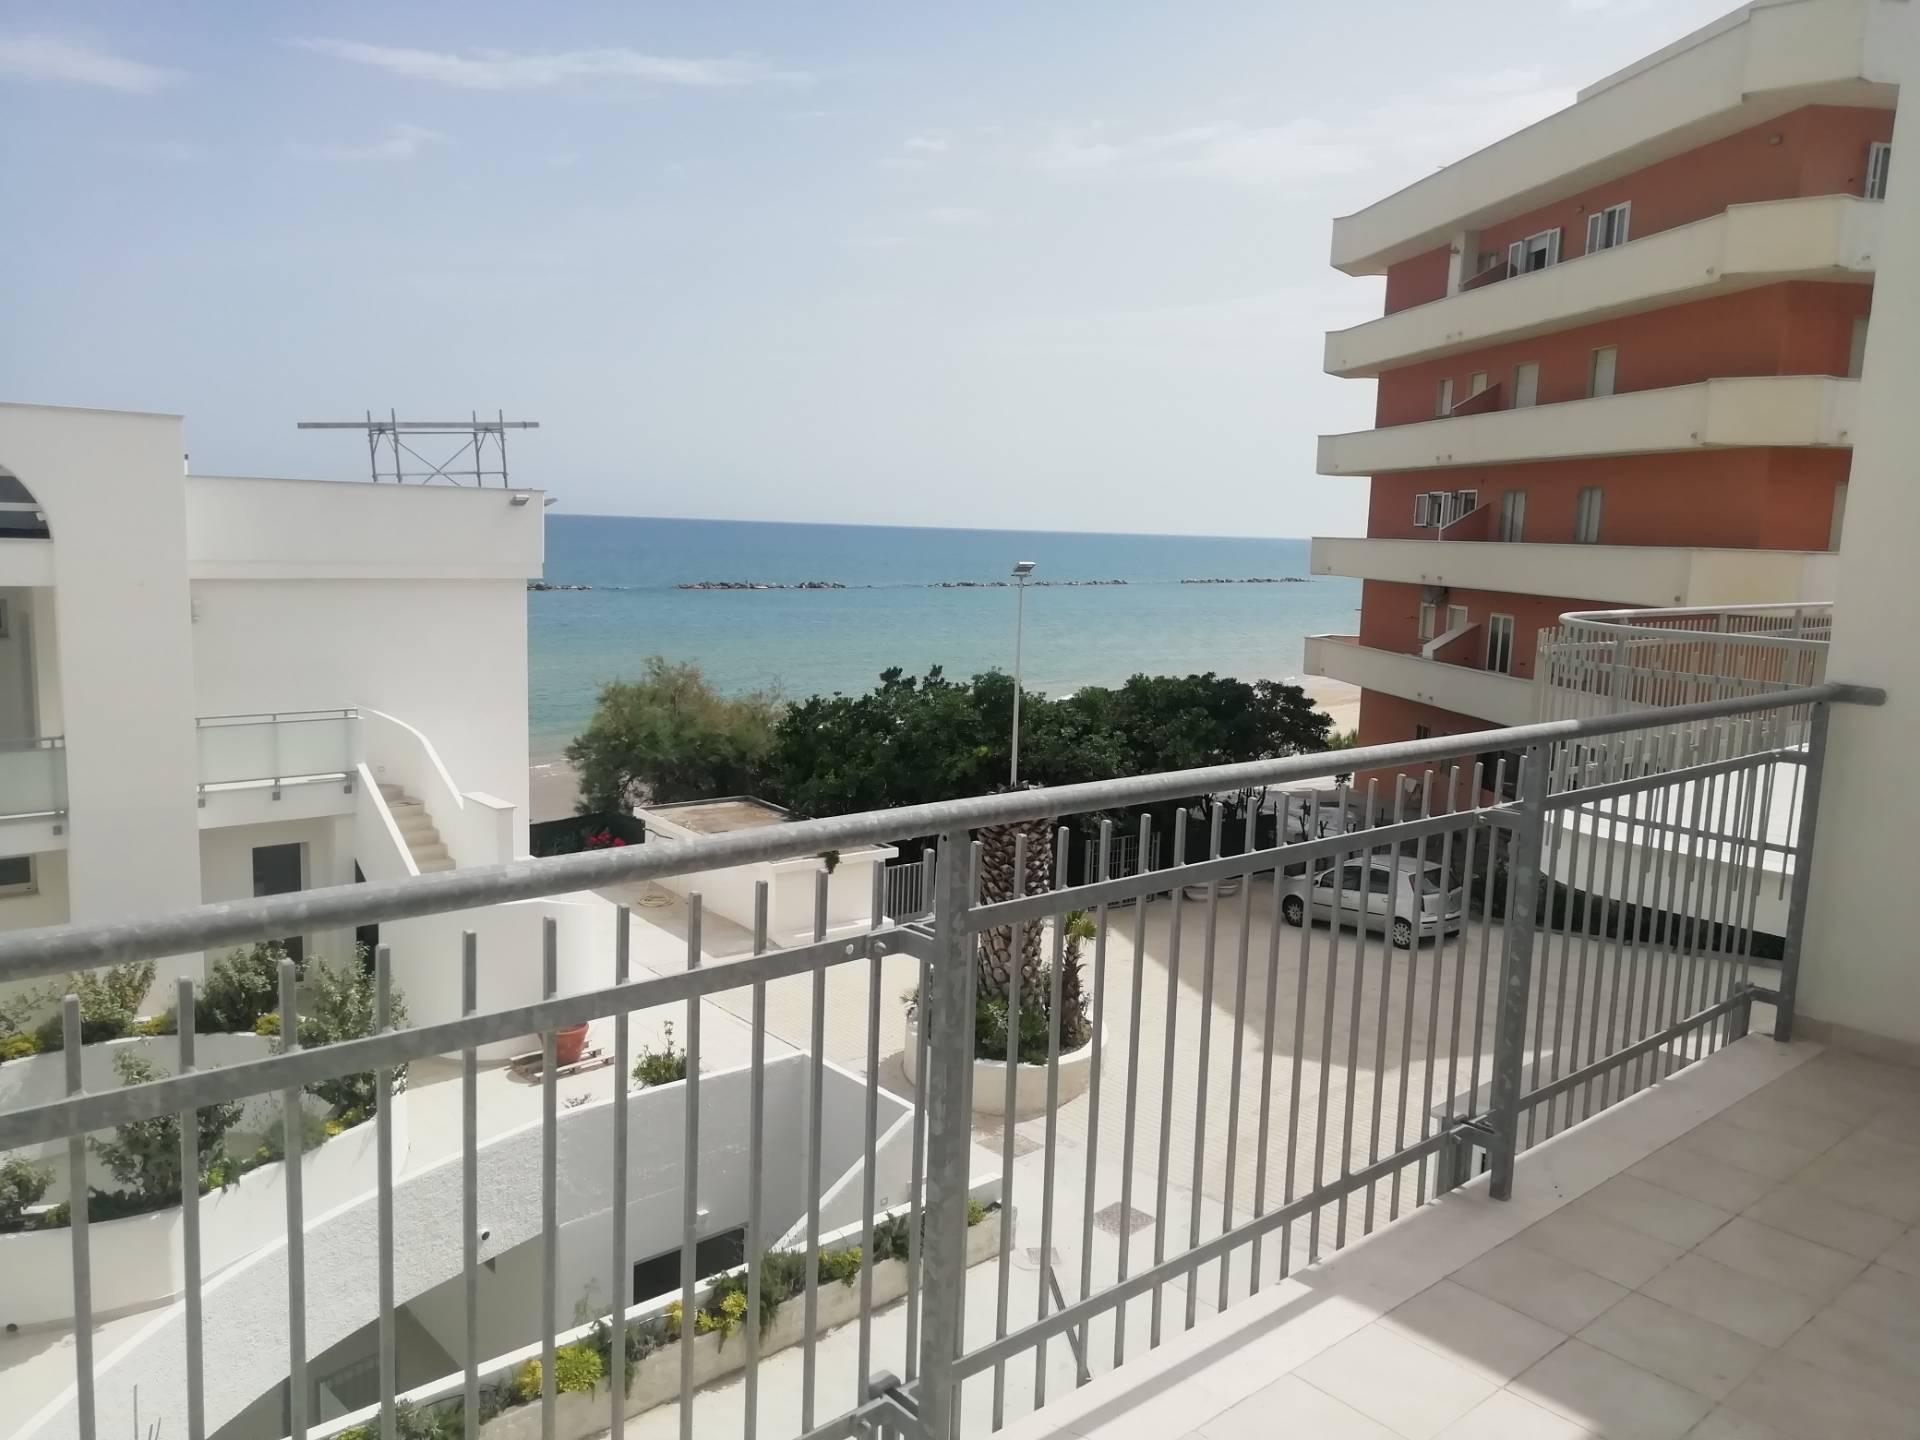 Appartamento in vendita a Termoli, 4 locali, zona Località: Lungomare, prezzo € 210.000 | PortaleAgenzieImmobiliari.it